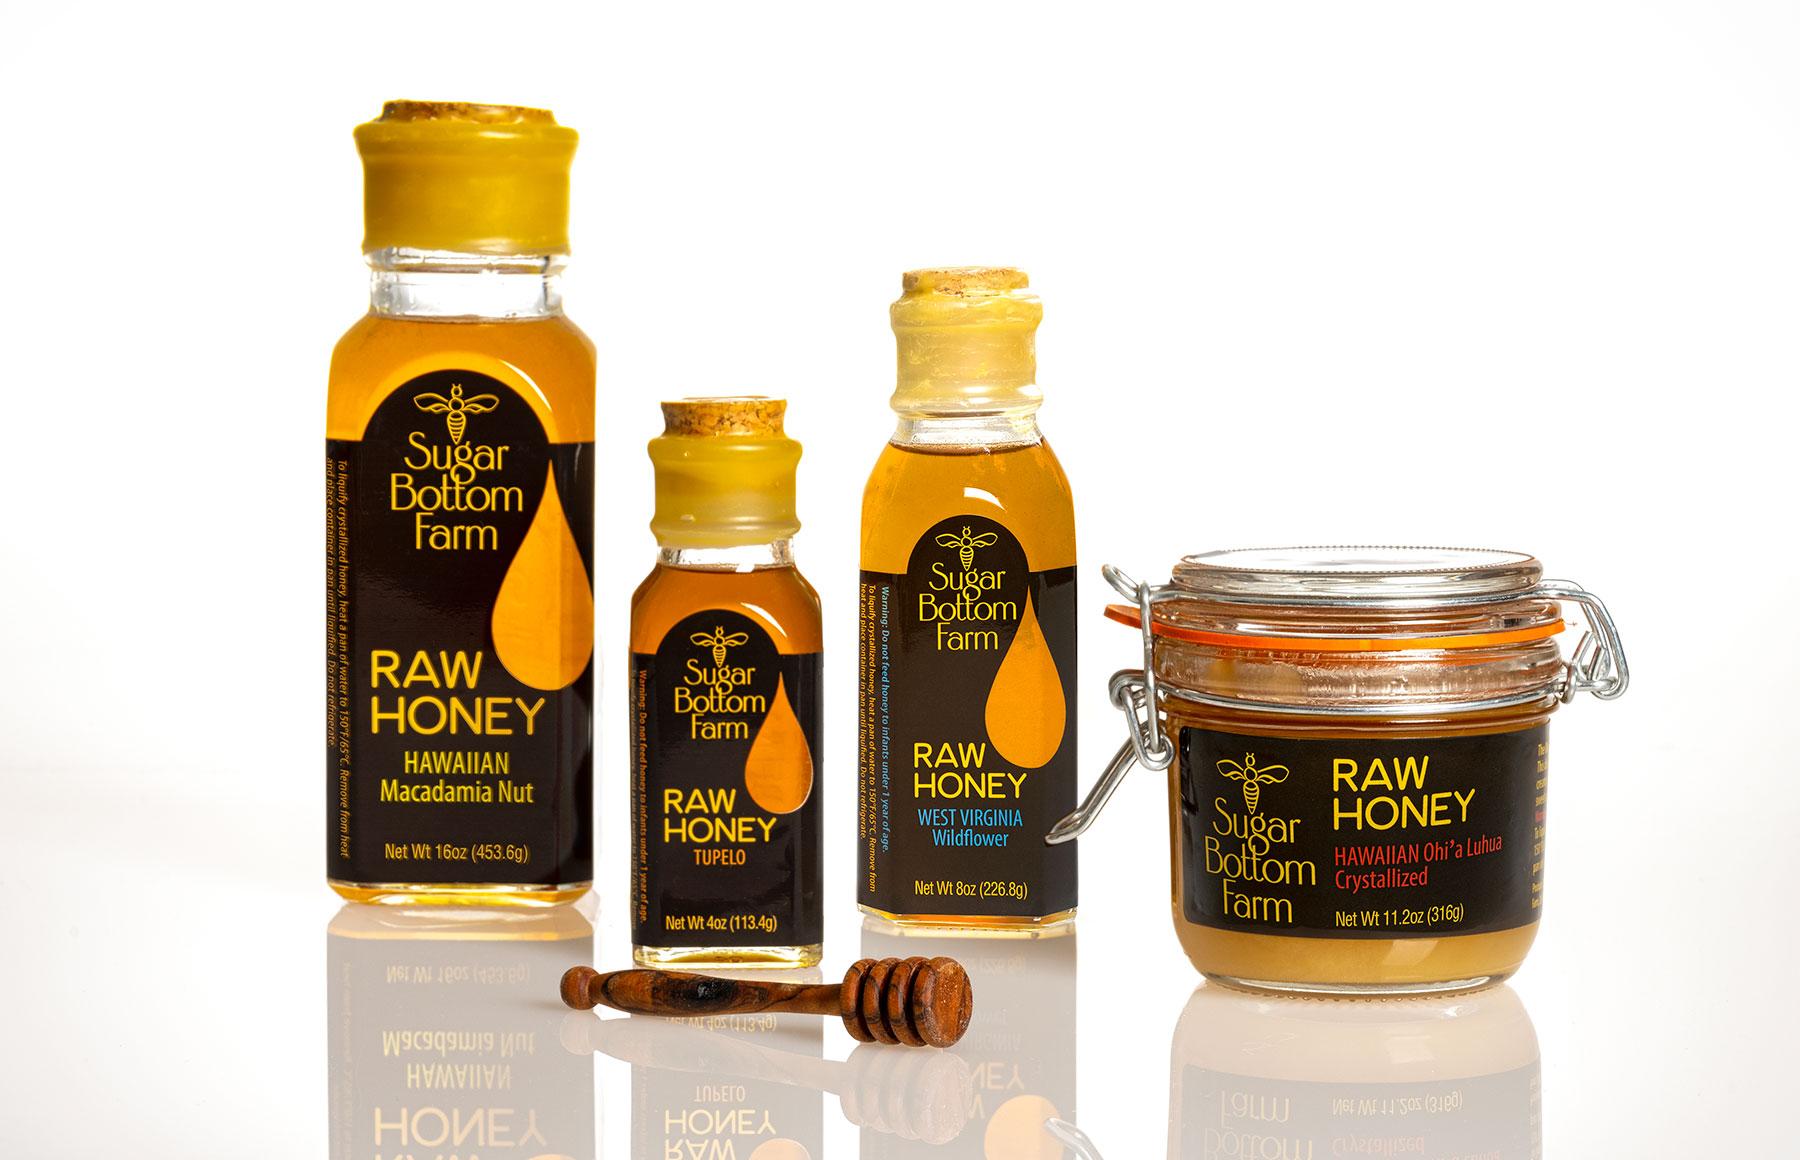 Sugar Bottom Farm Raw Honey